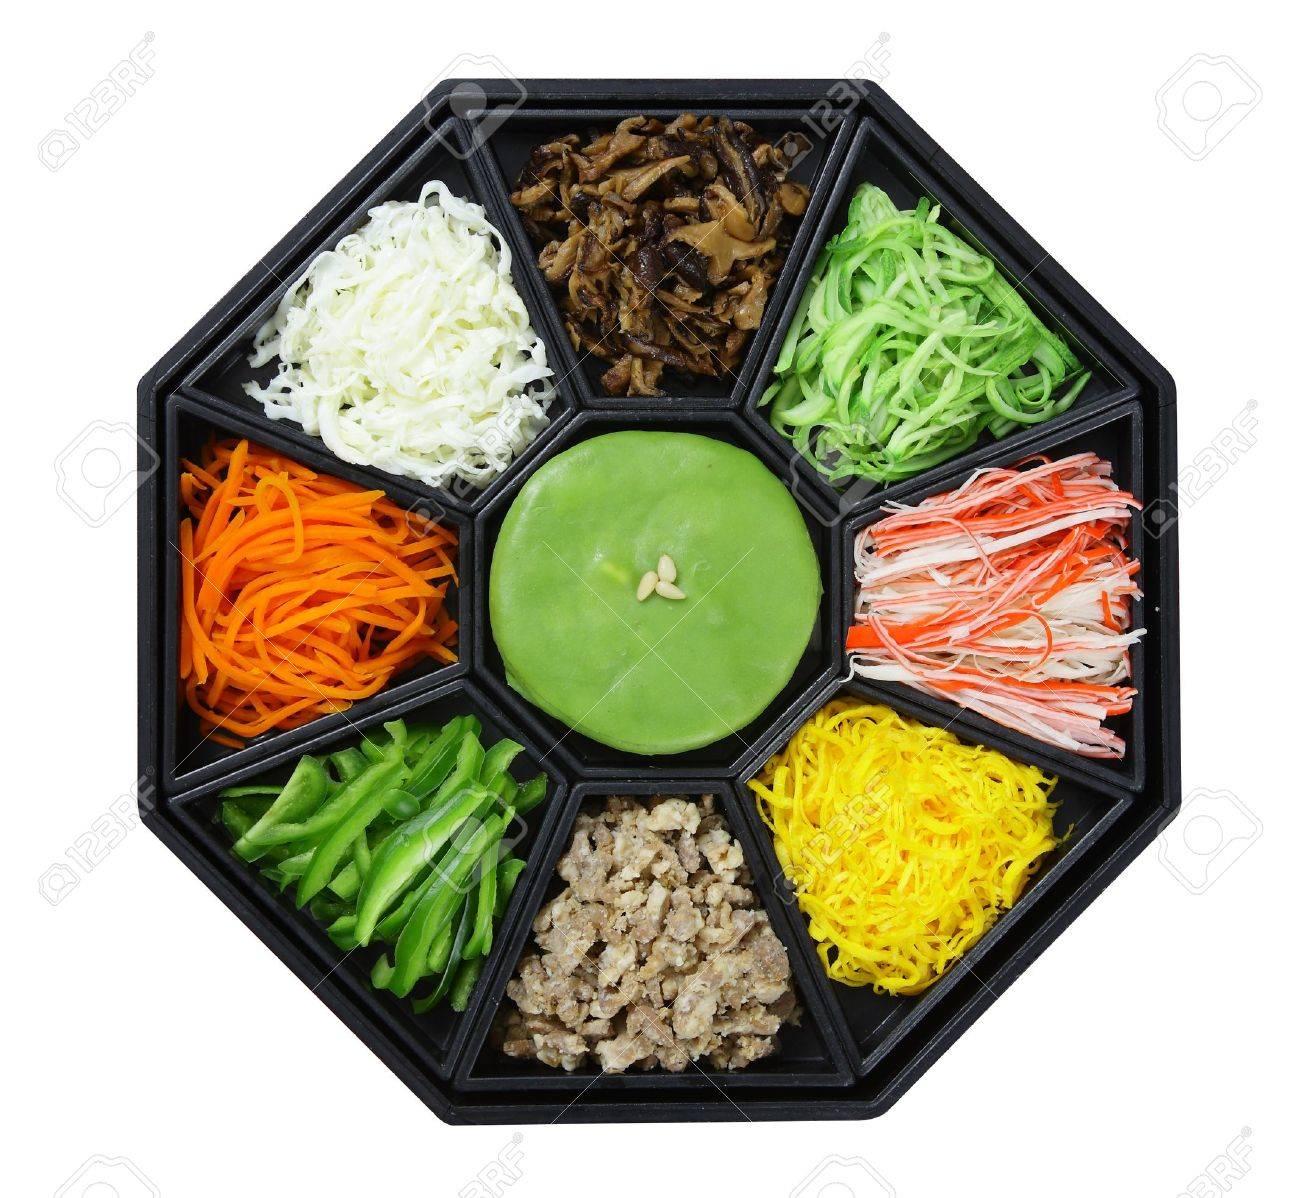 Korean cuisine set isolate on white background - 21688377